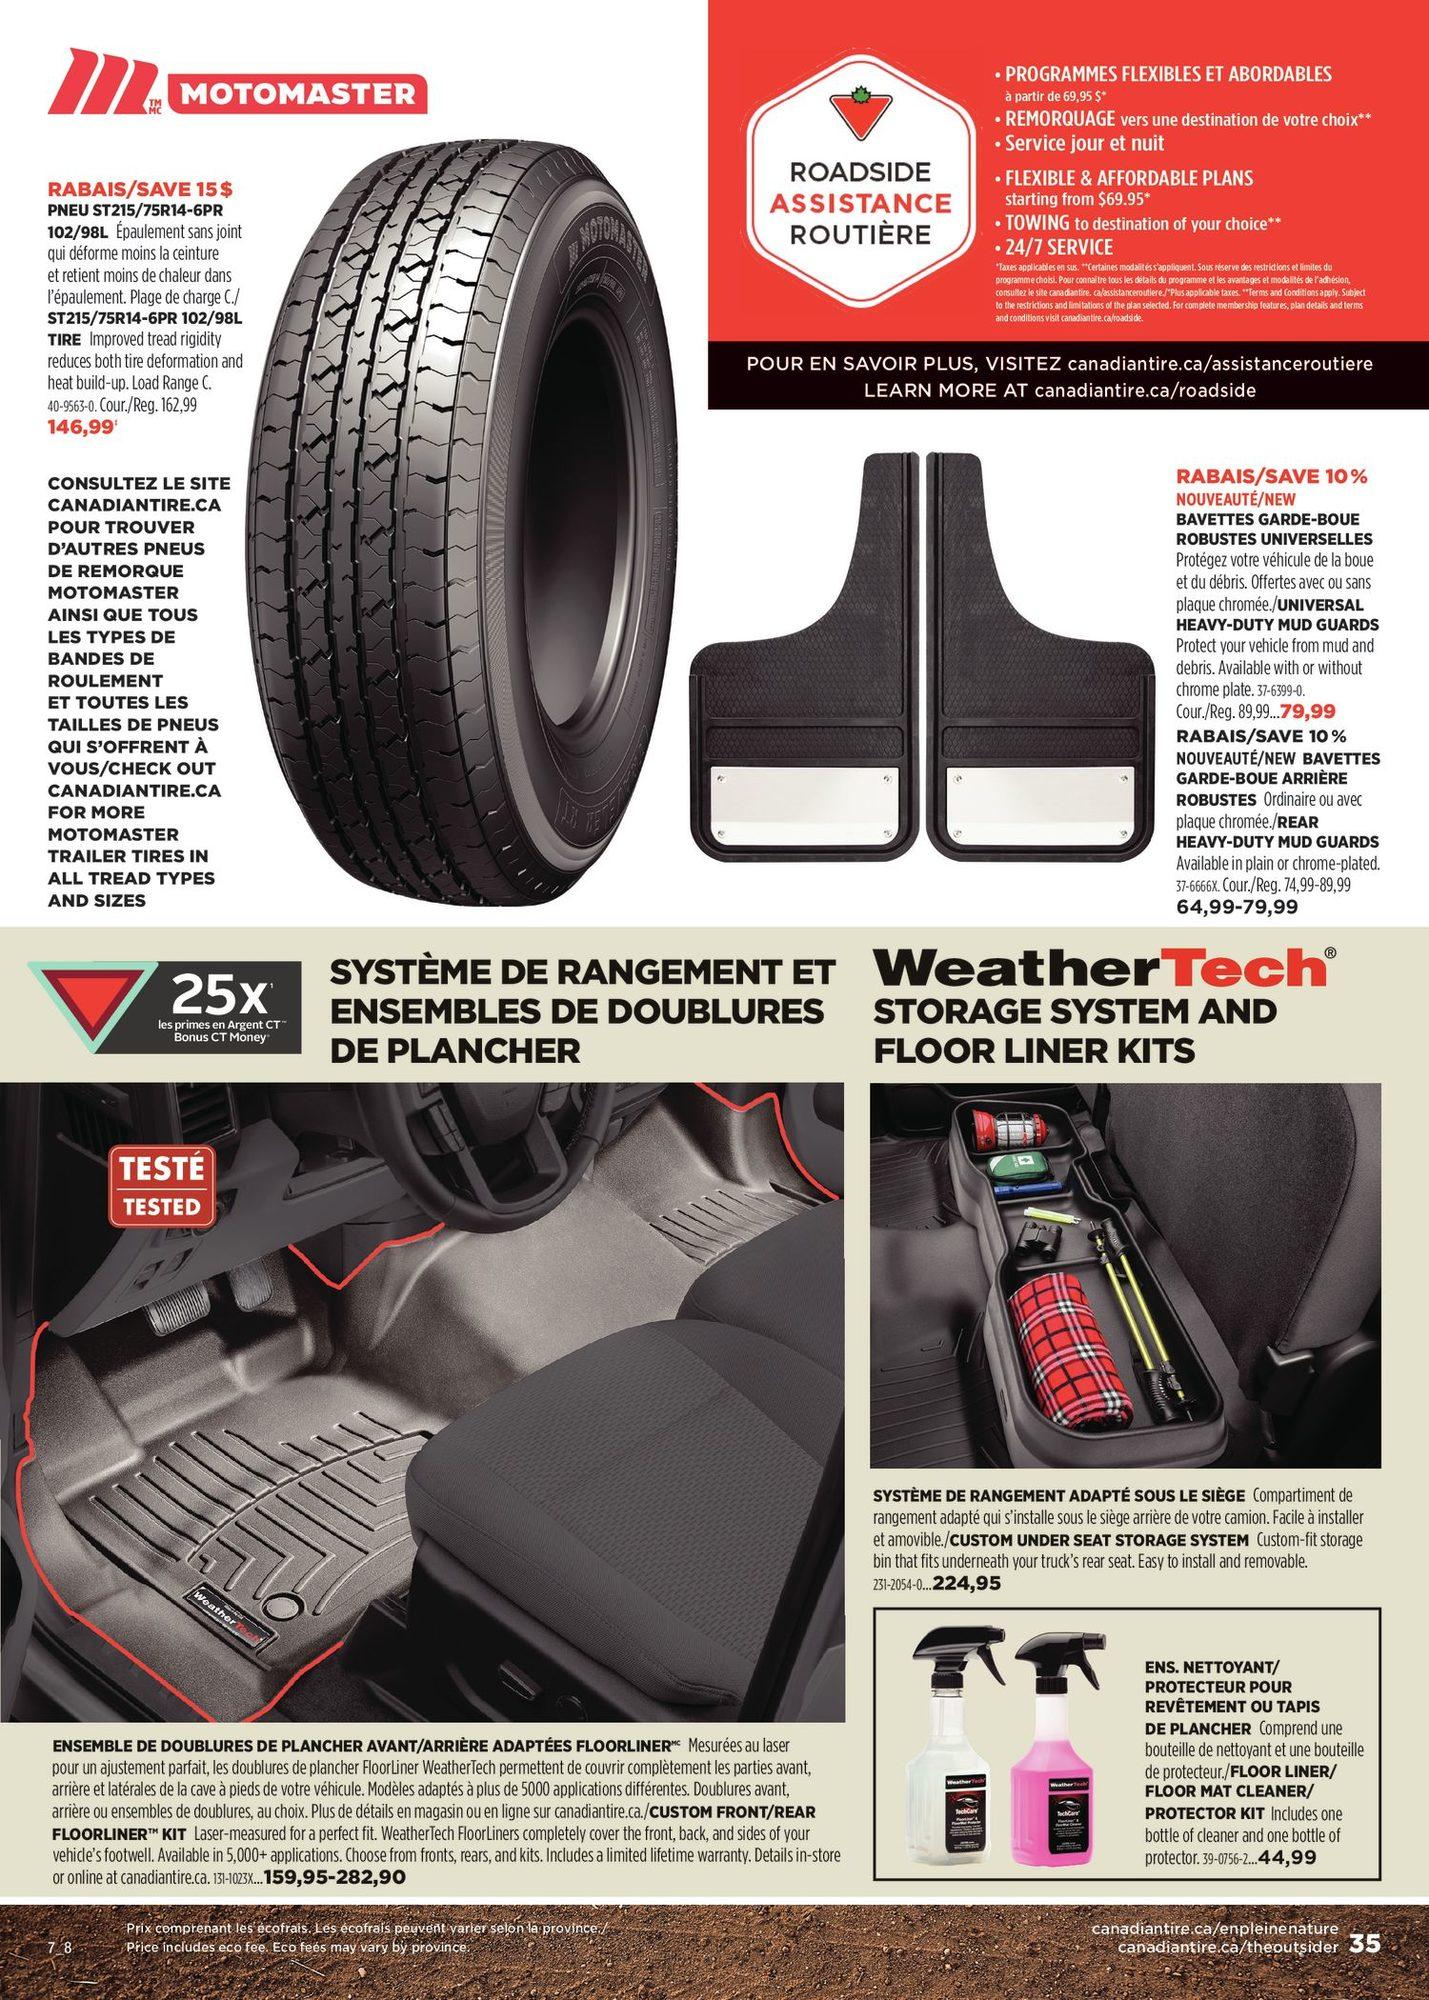 Circulaire Canadian Tire - En pleine nature - Automne 2021 - Page 35